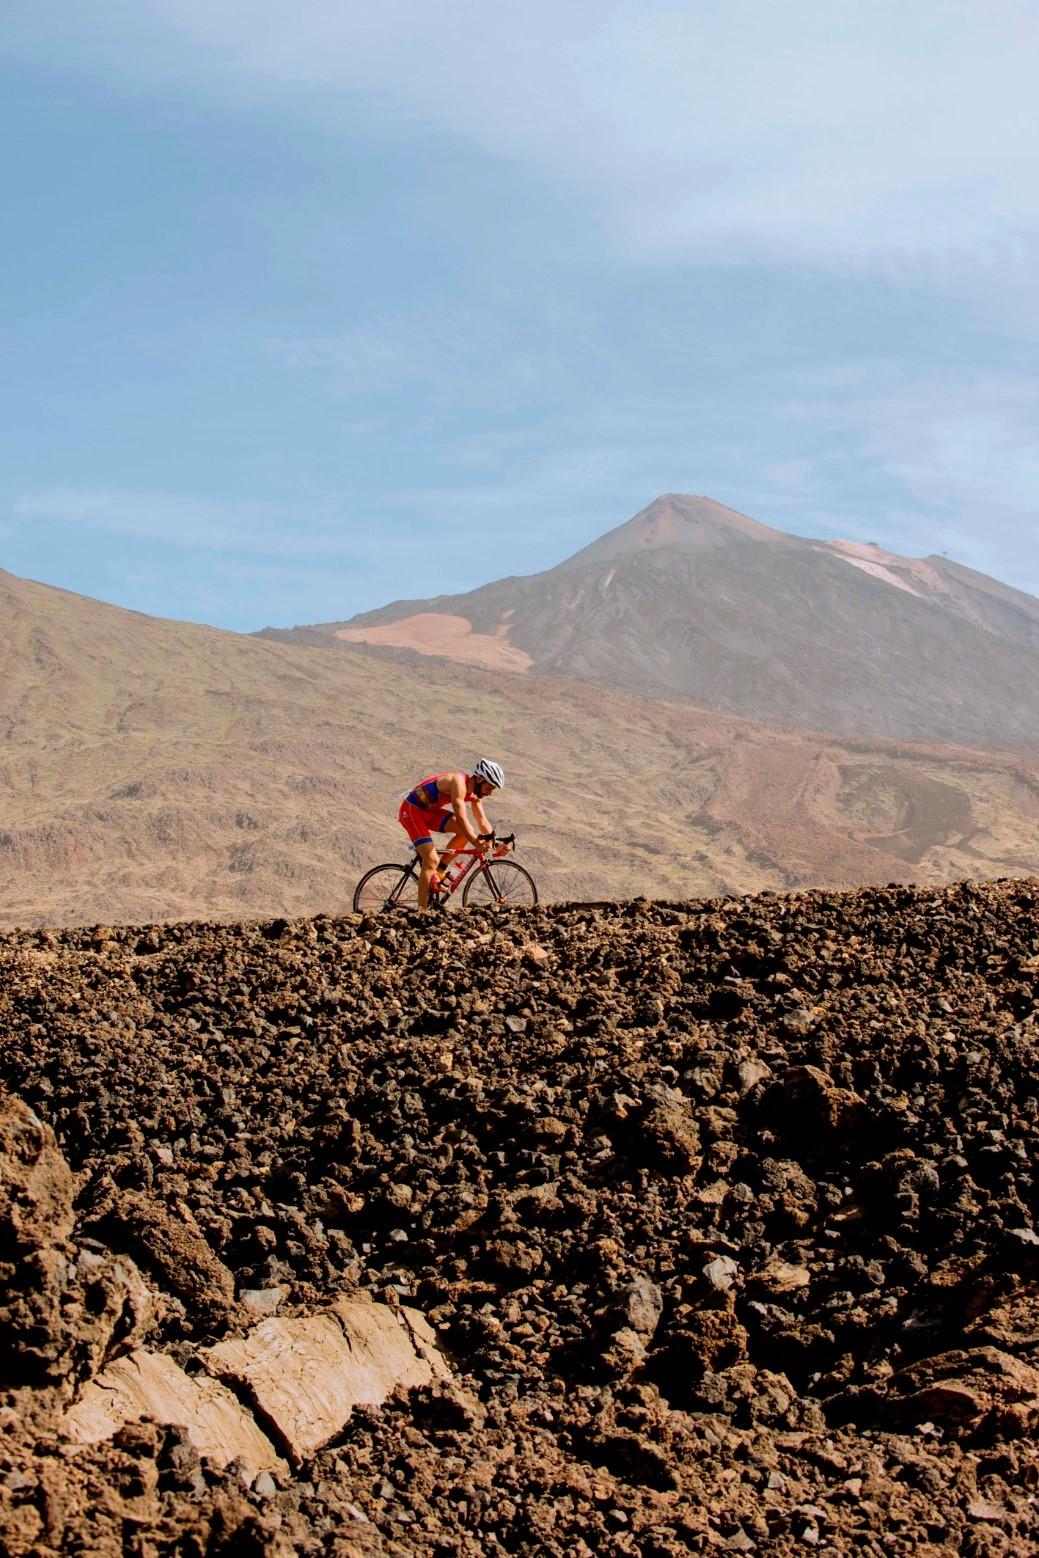 Calendario Deportivo de Tenerife 2019, un año lleno de nuevos retos